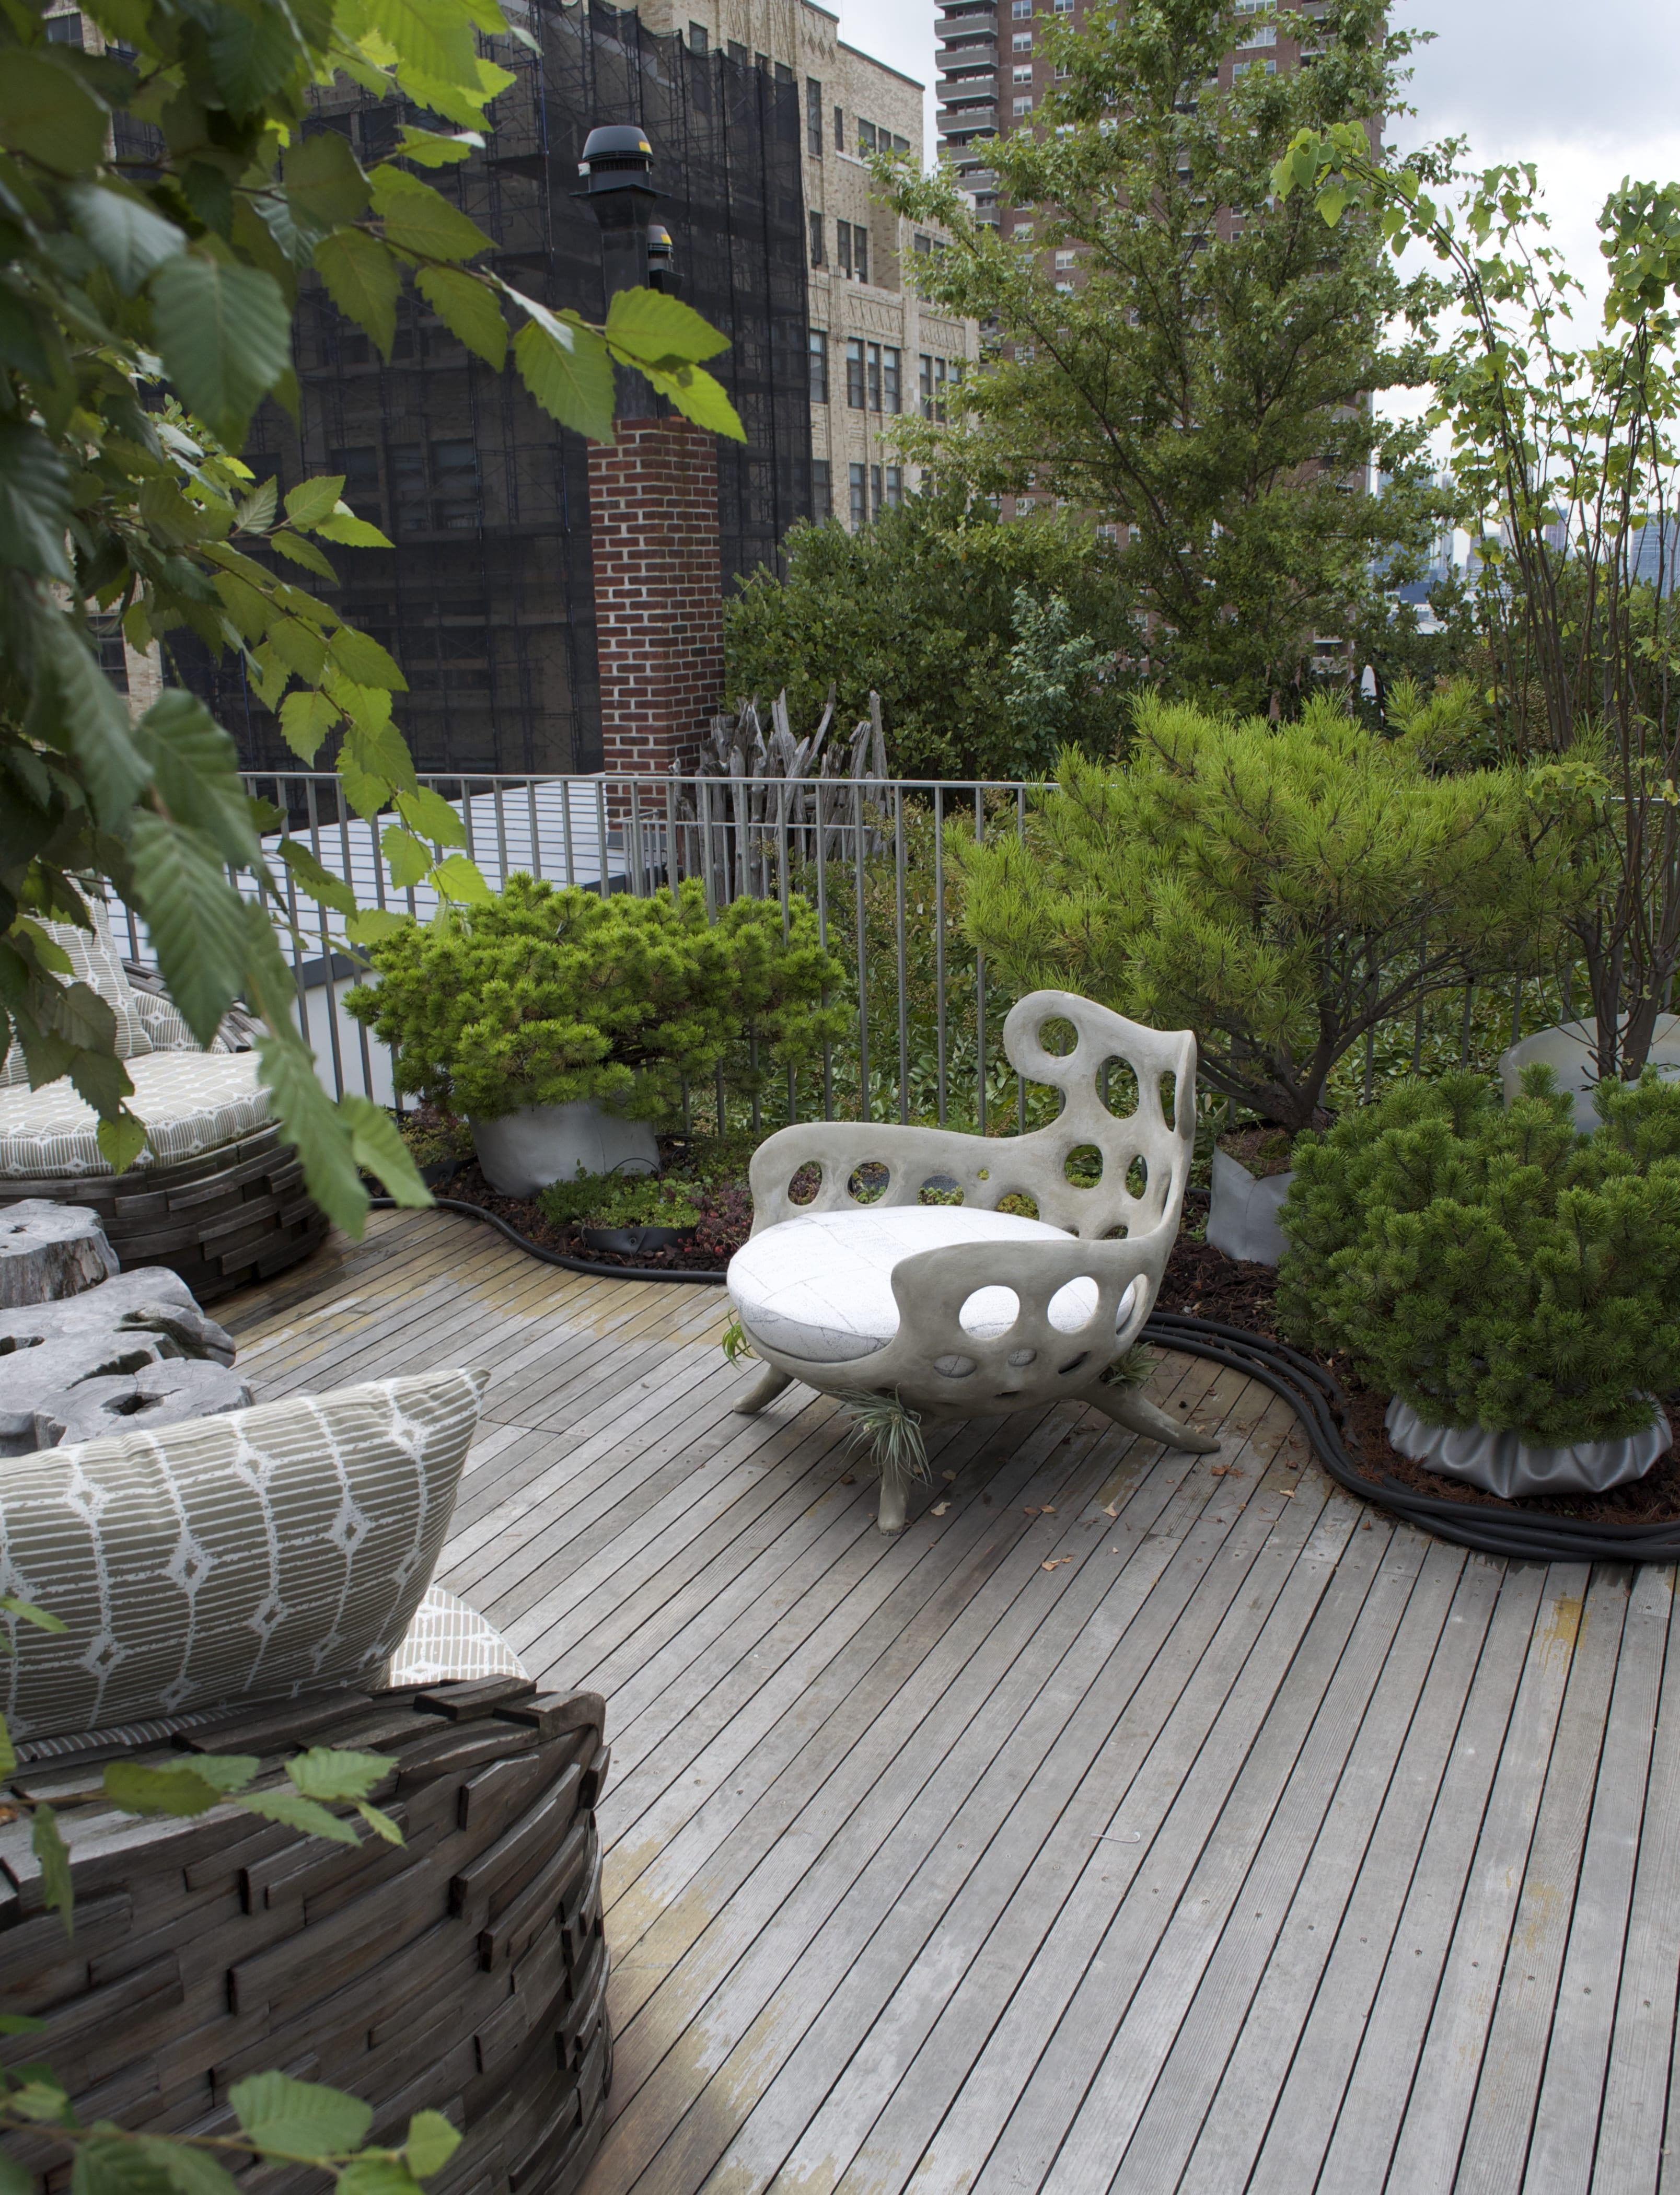 holzterrasse garten gestalten  und mit modernen Gartenmöbeln aus Beton einrichten